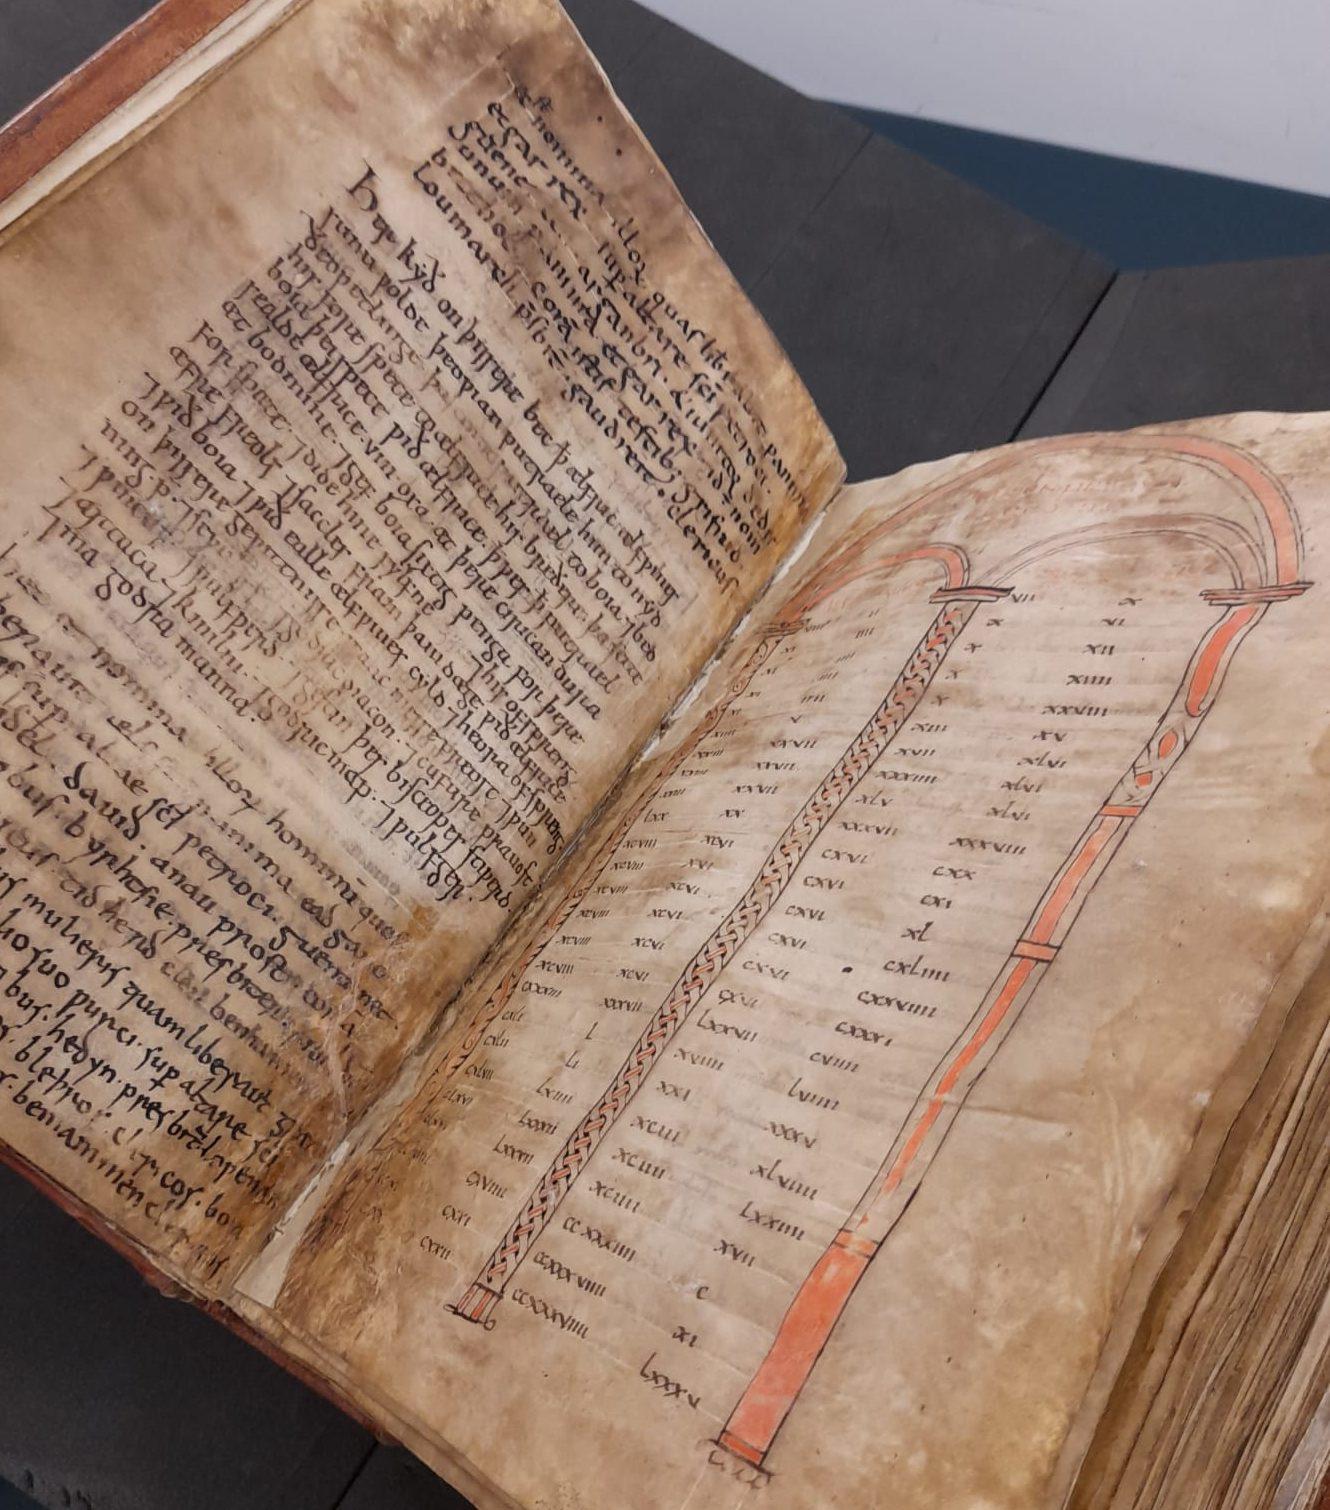 Colour photo showing Bodmin Gospels book open.